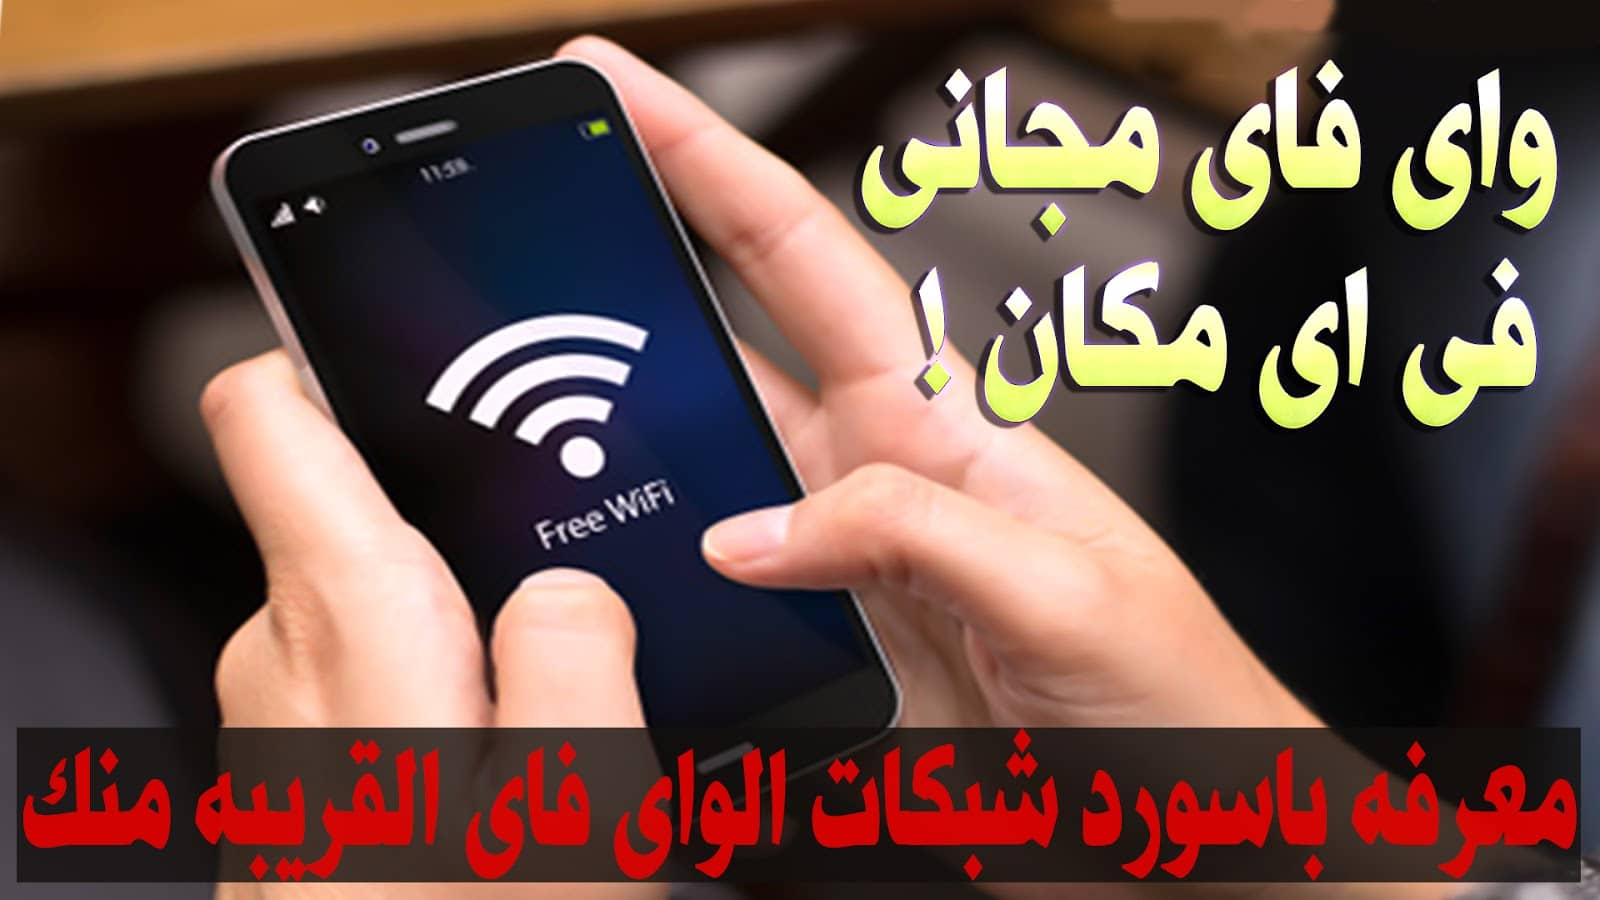 Photo of طريقه مدهشه لمعرفه باسورد شبكات الواى فاى القريبه منك – بدوت روت